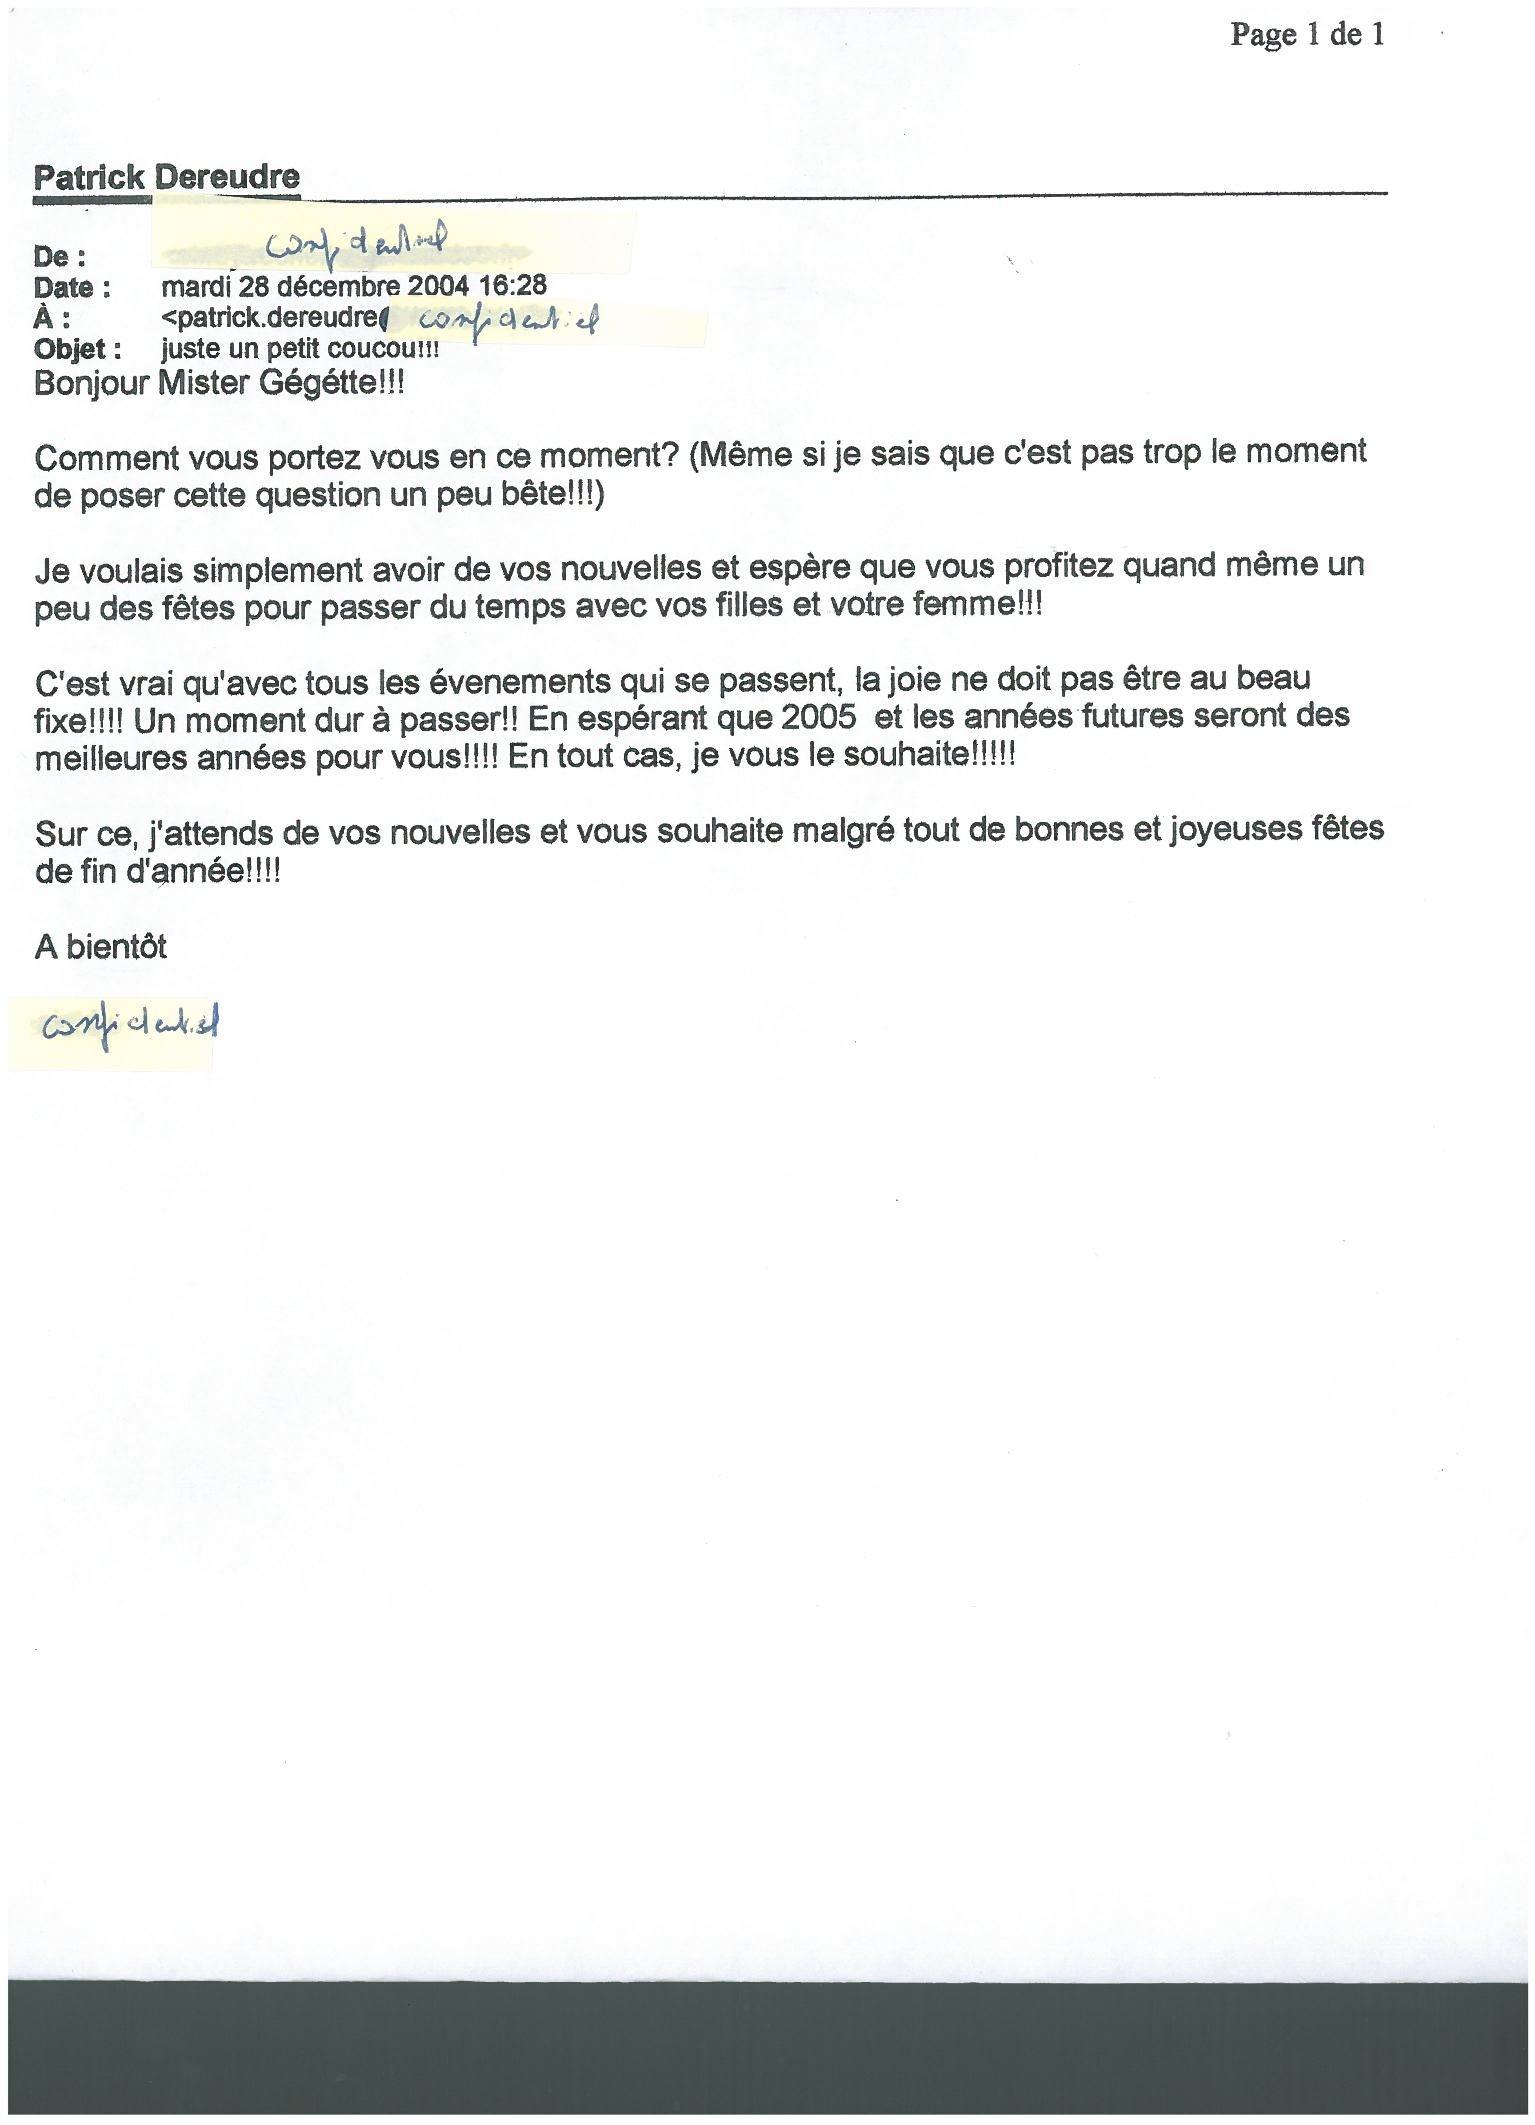 Mail du 28 décembre 2004 d'une jeune fille en contrat PRO Licence